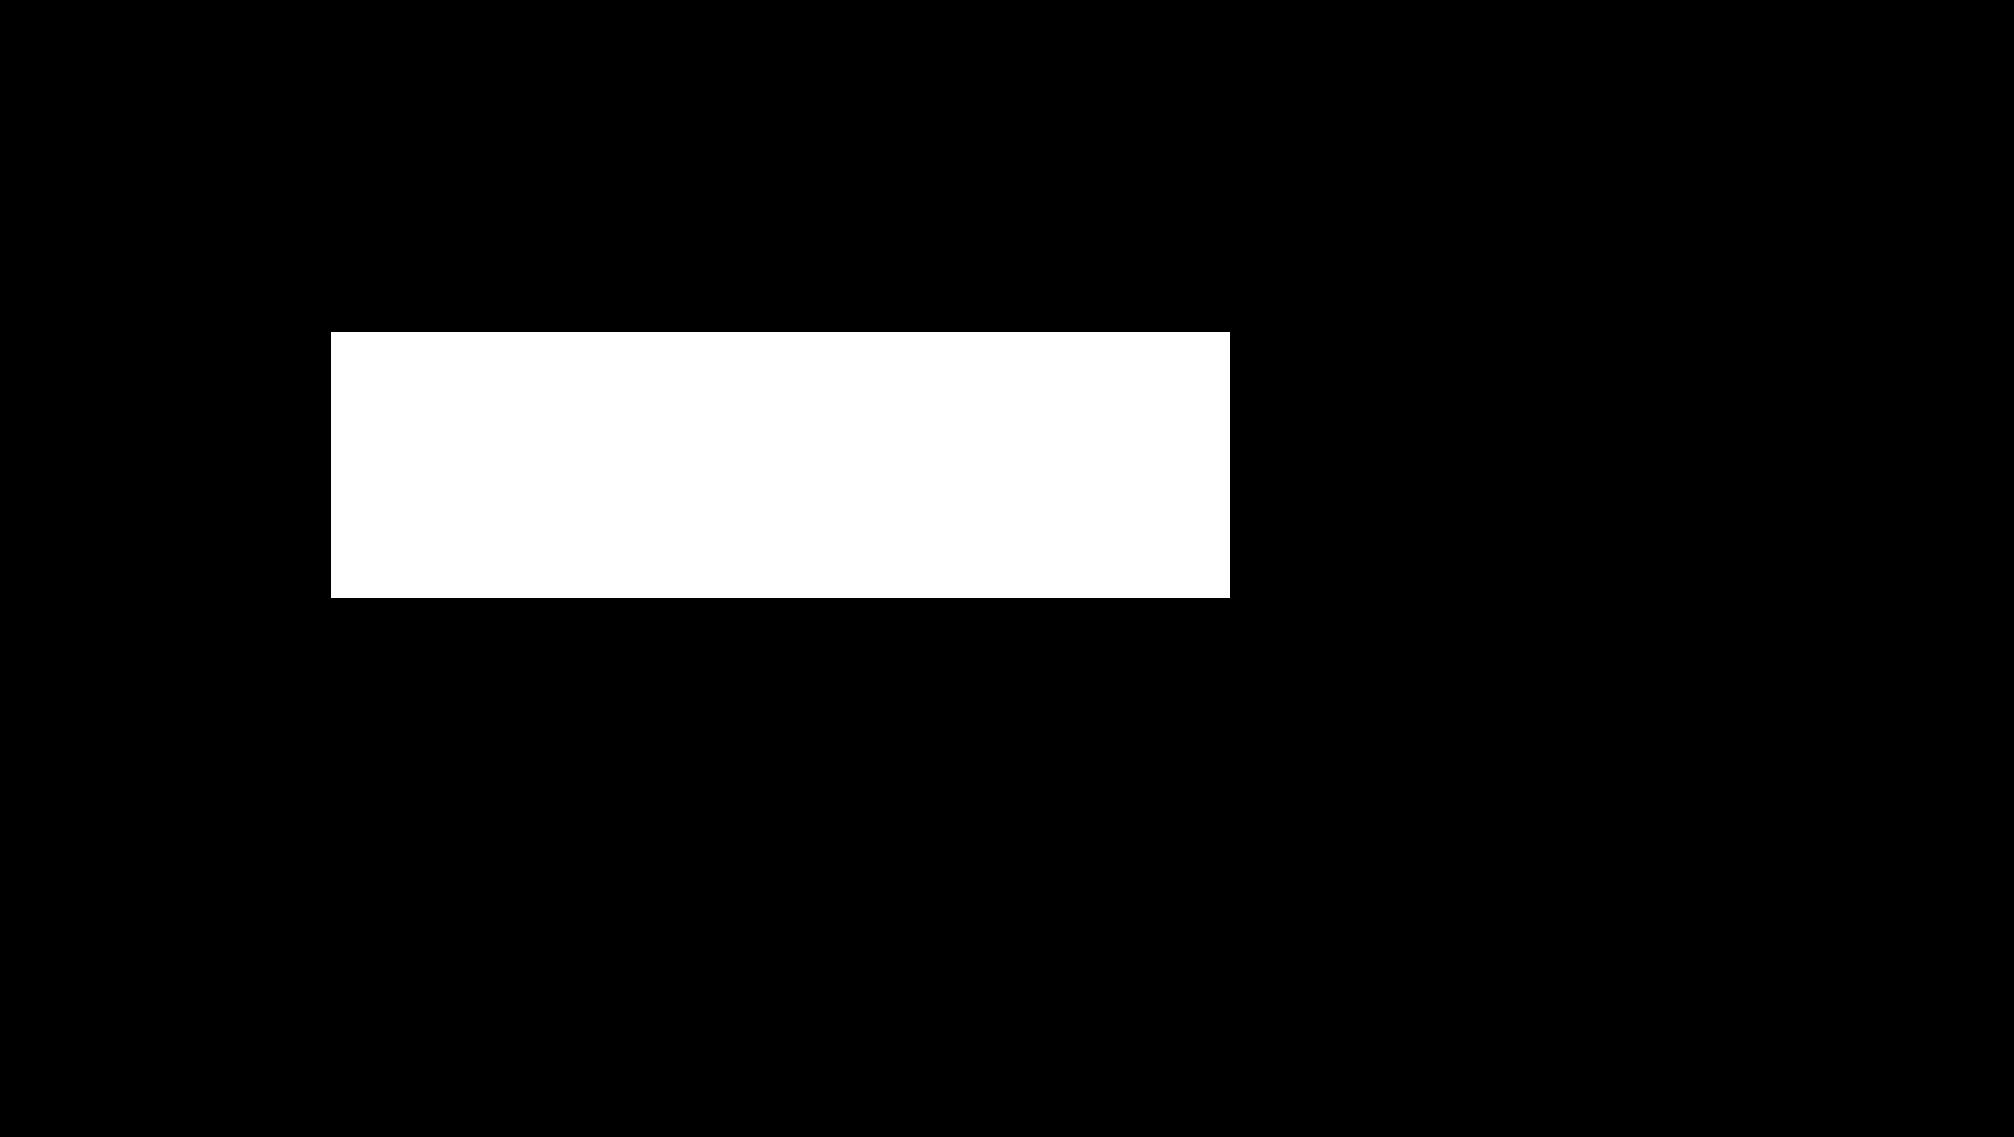 Element qui compose le logo du Studio Edoras. Studio de création graphique spécialisé dans les supports de communication créatif et design, la Communication Corporate et les Campagne de communication